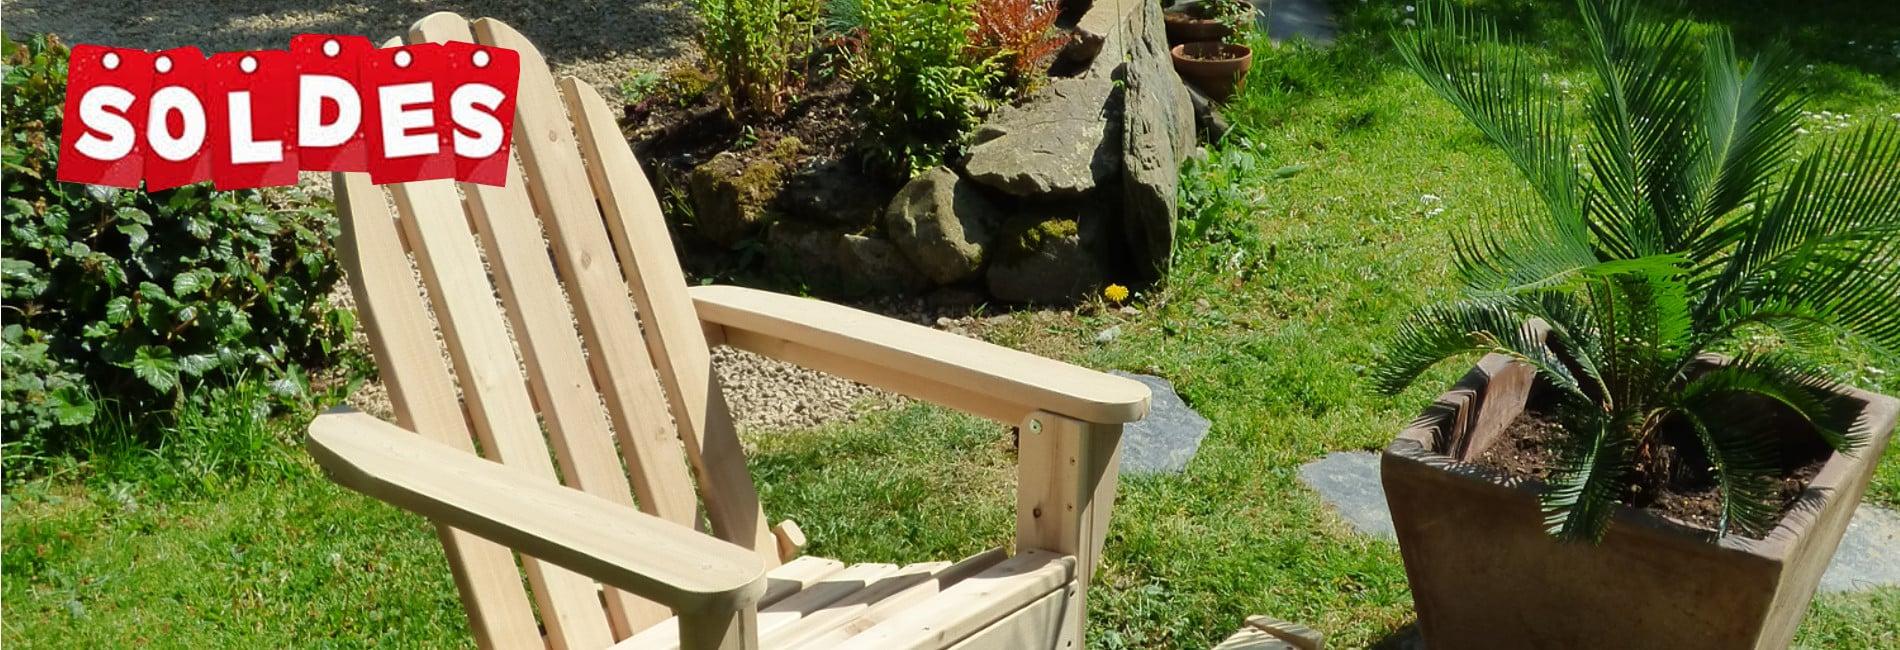 soldes mobilier de jardin en bois c dre et rondins. Black Bedroom Furniture Sets. Home Design Ideas